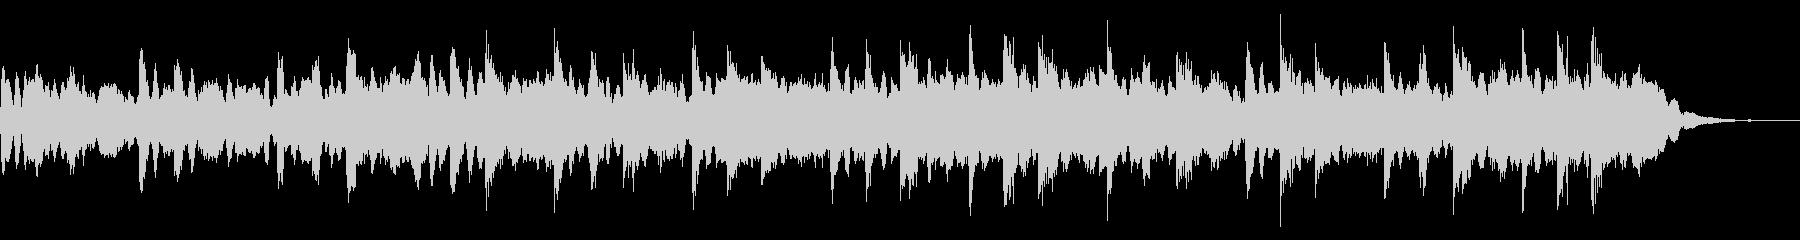 お化け屋敷に最適な恐怖なシンセサイザー曲の未再生の波形